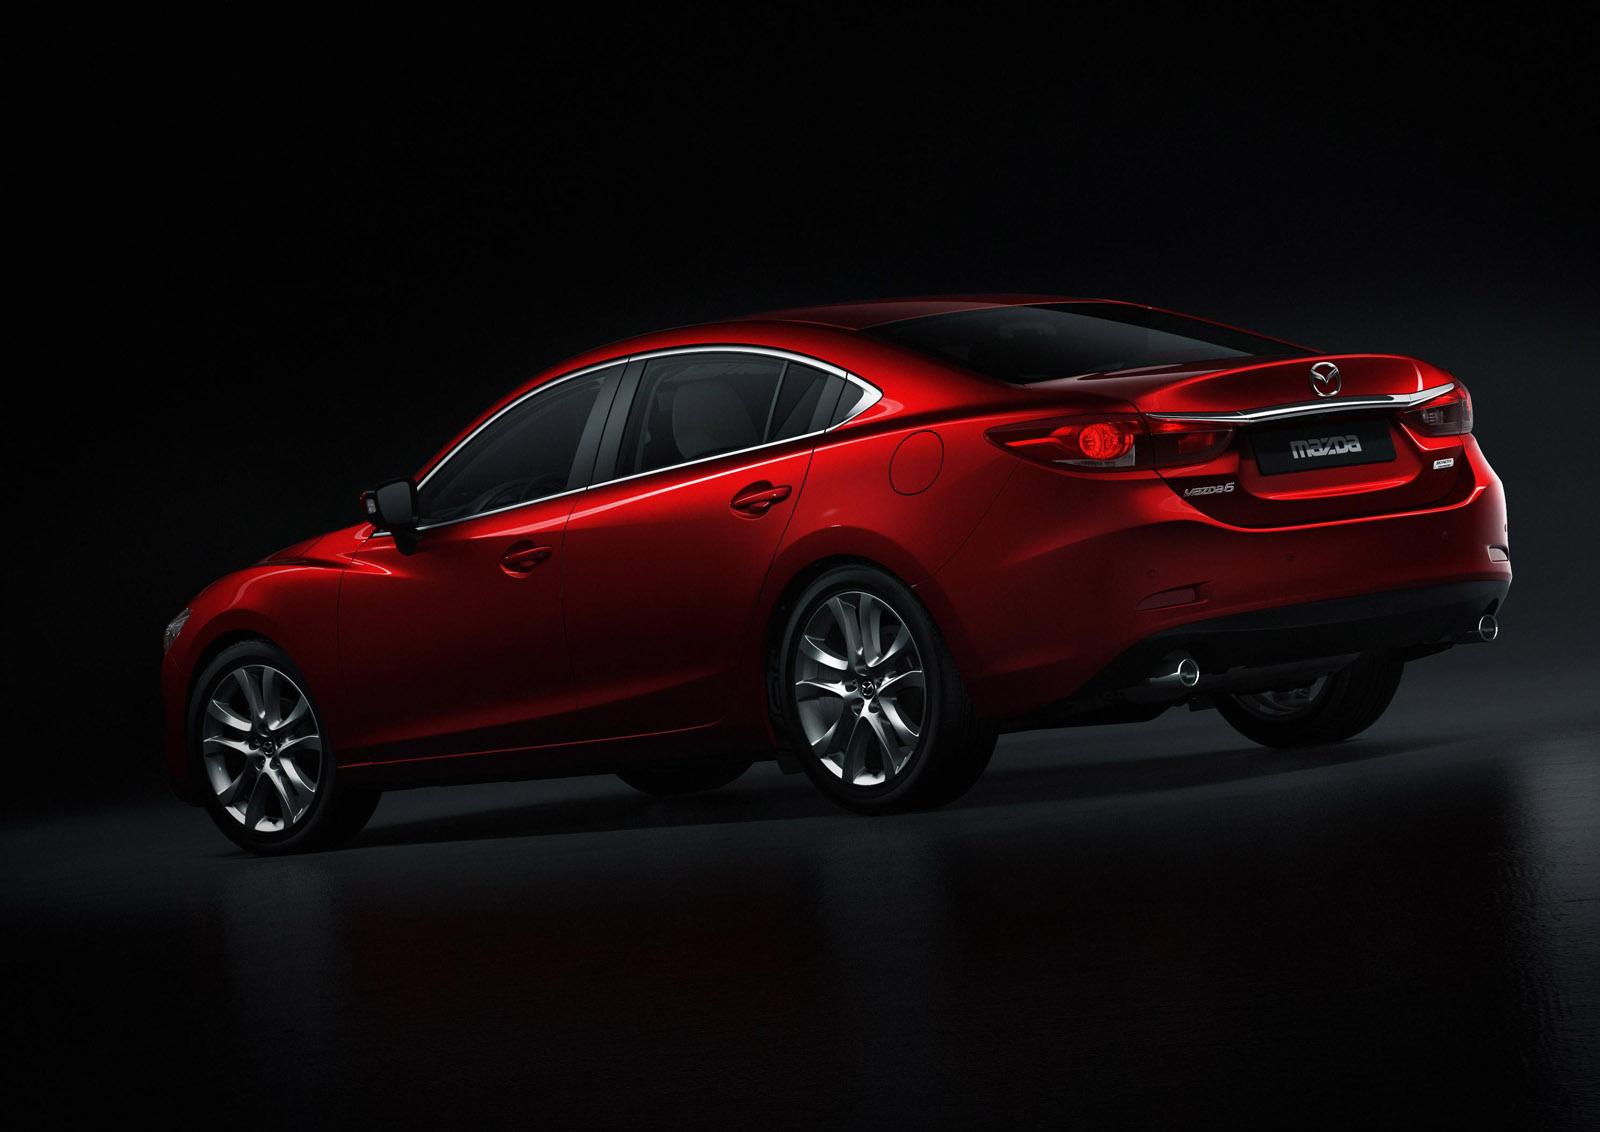 1908_588639_Mazda6_Sedan_2012_still_08